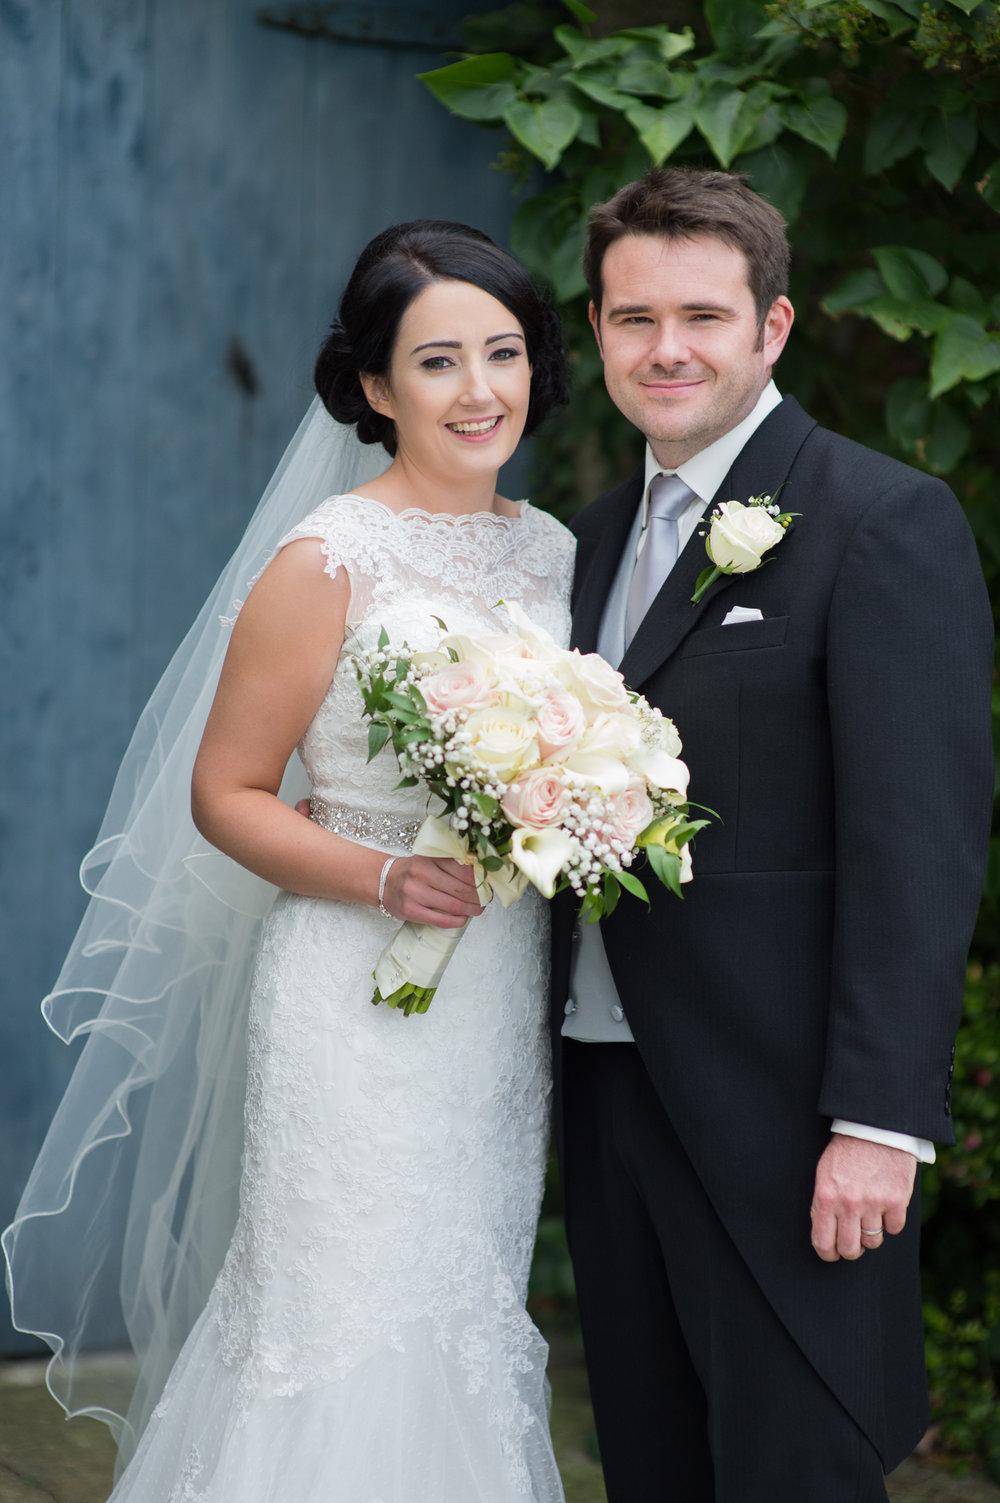 Michael Gill Photography Ramelton Wedding Beech HIll 09.JPG